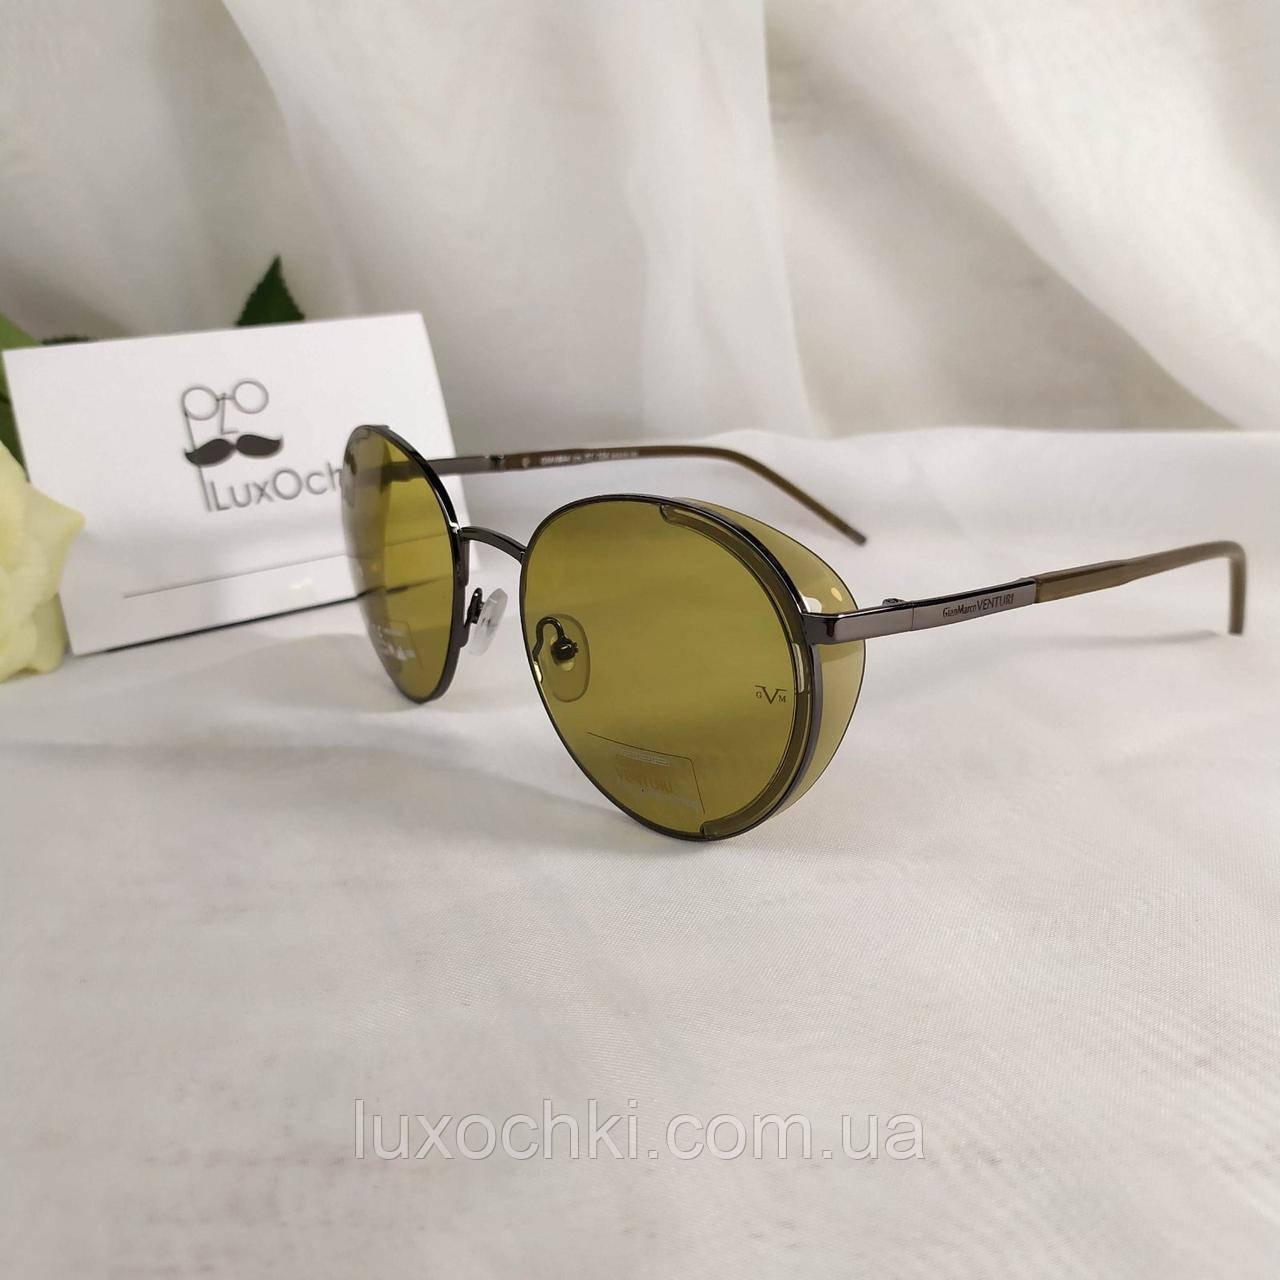 Эксклюзивные  очки с шорами унисекс